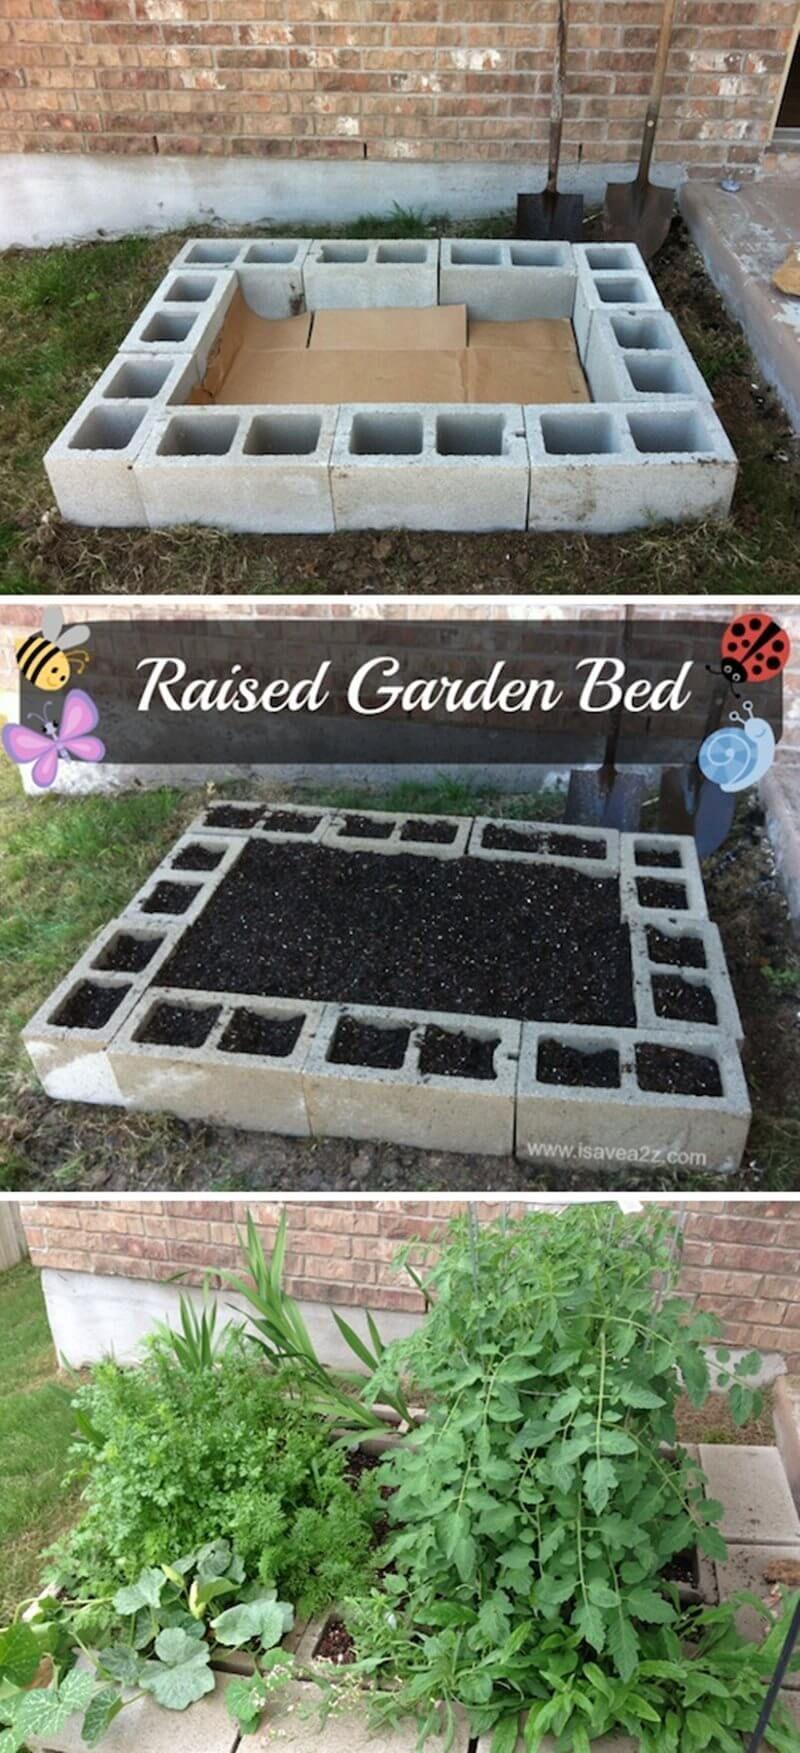 Raised Garden Bed With Cinder Blocks Raised Garden Beds